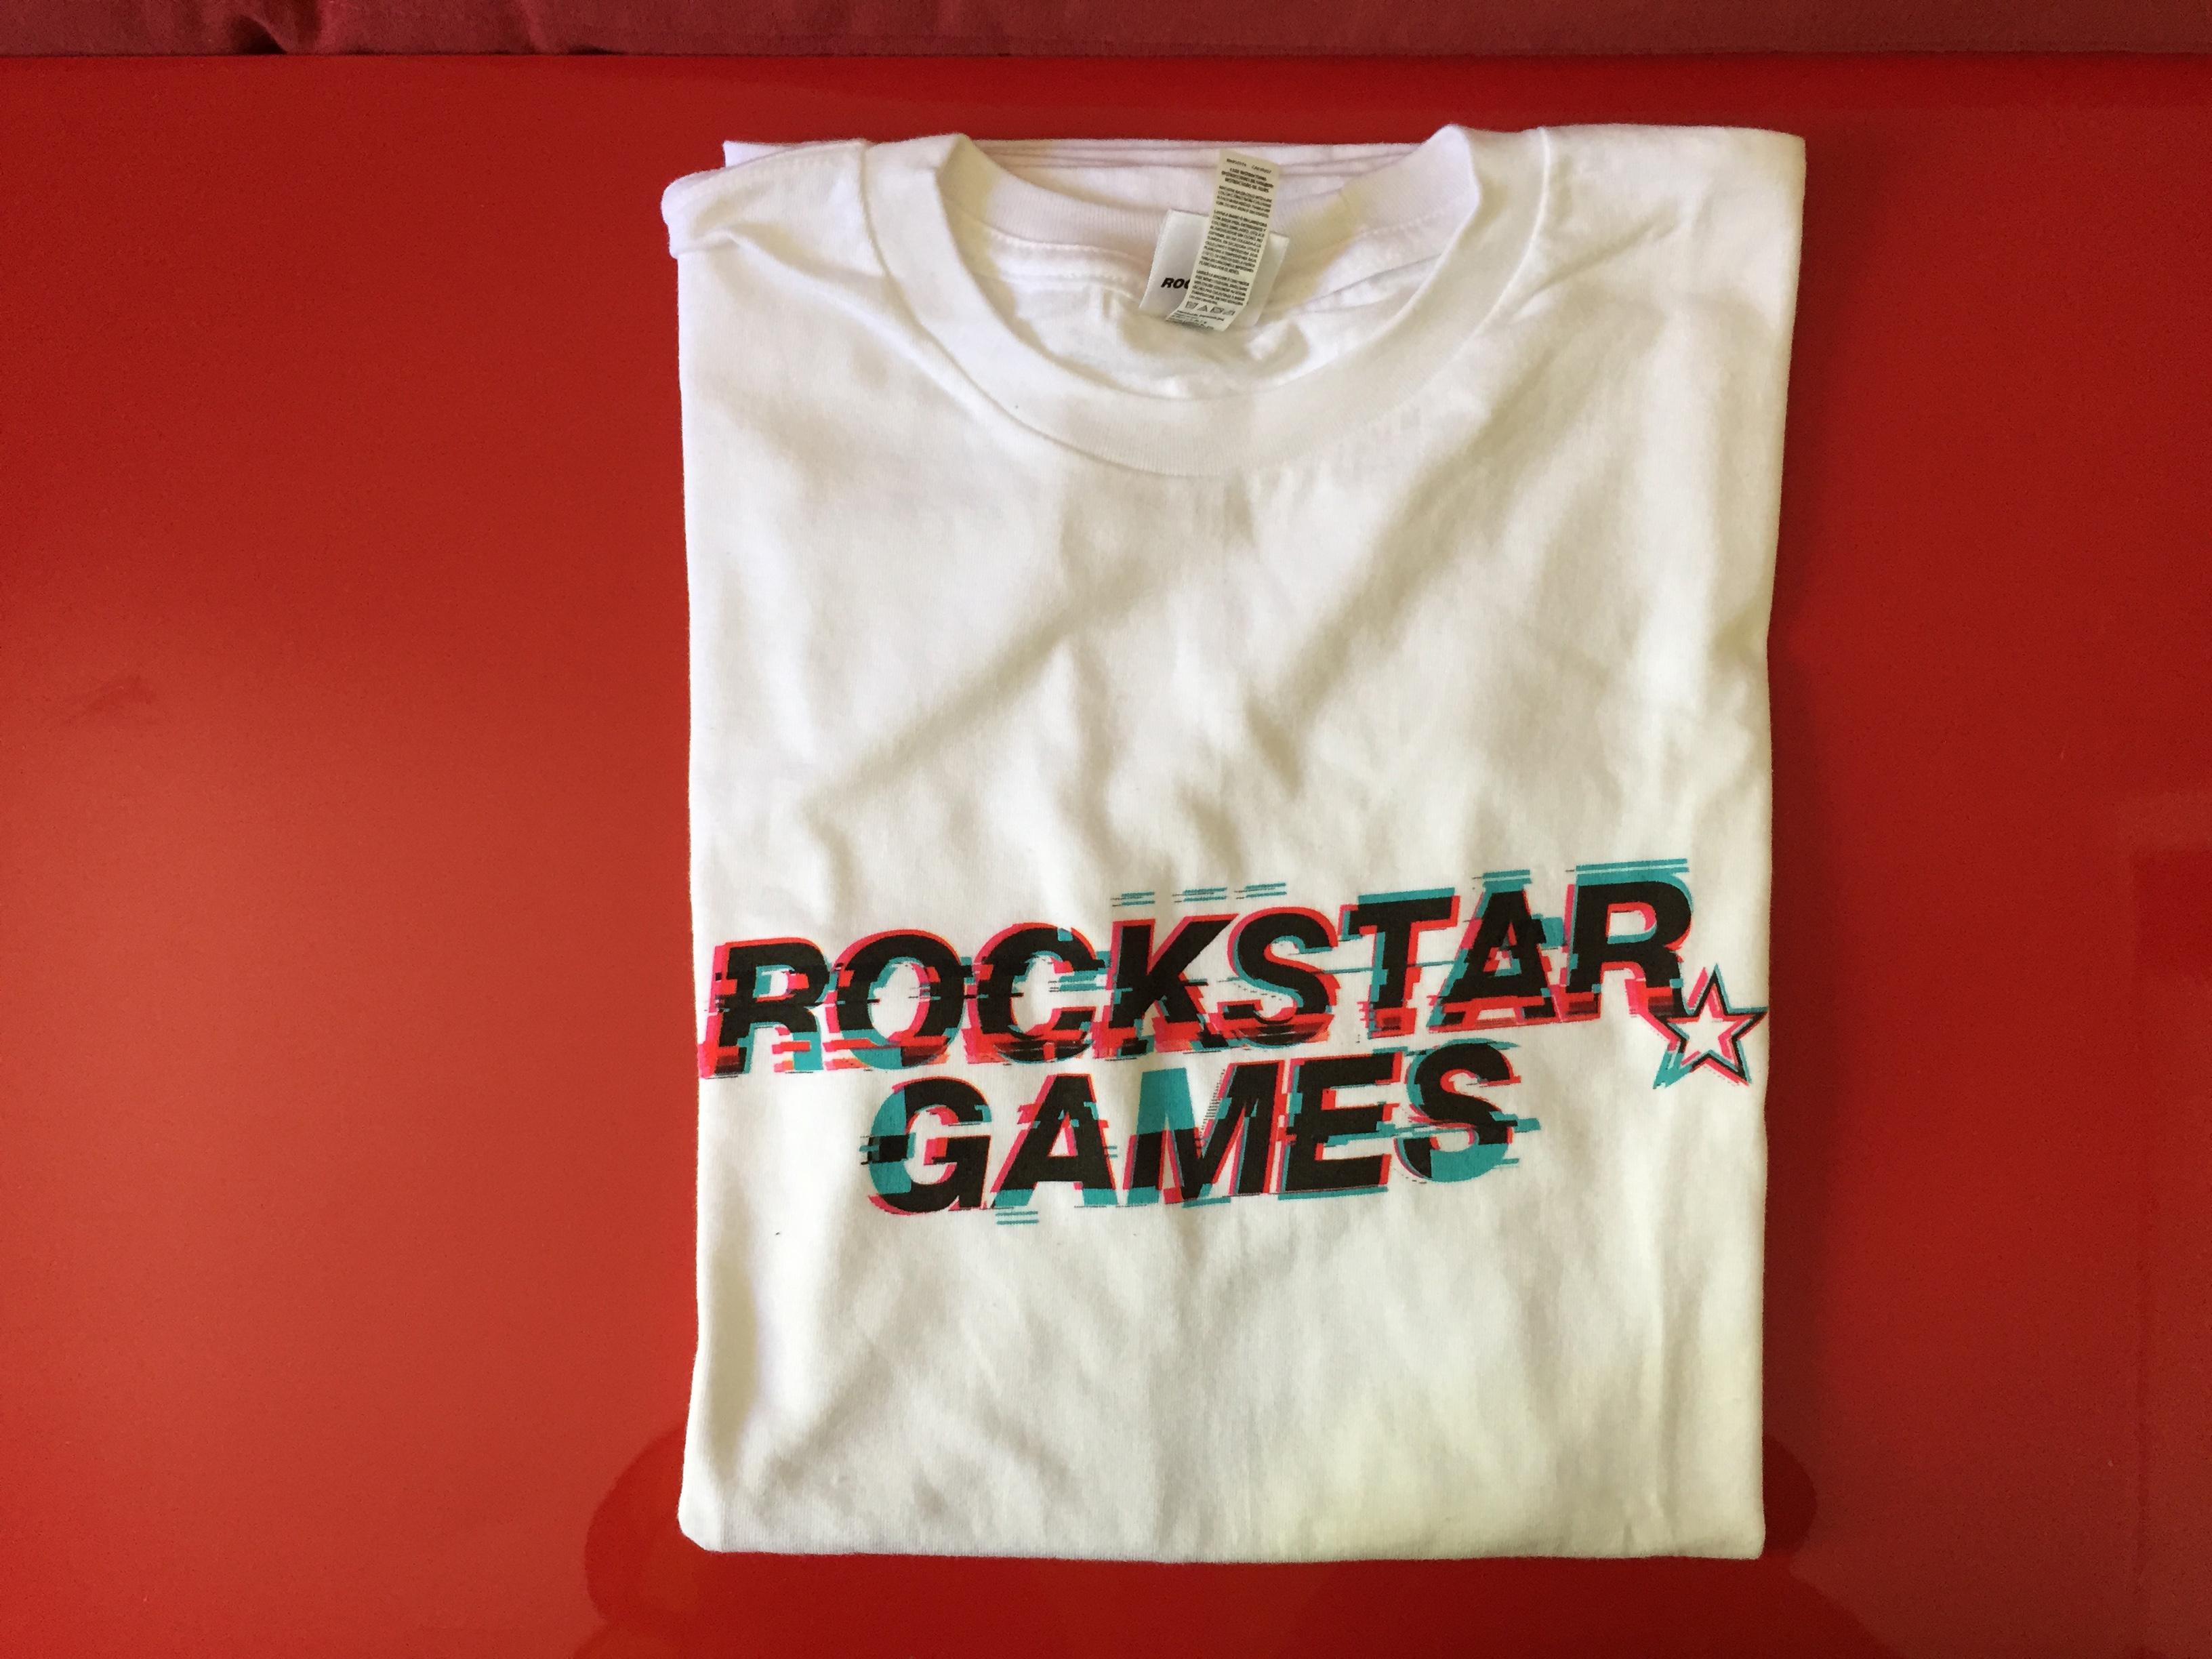 Rockstar Games - T-shirt Noise Tee